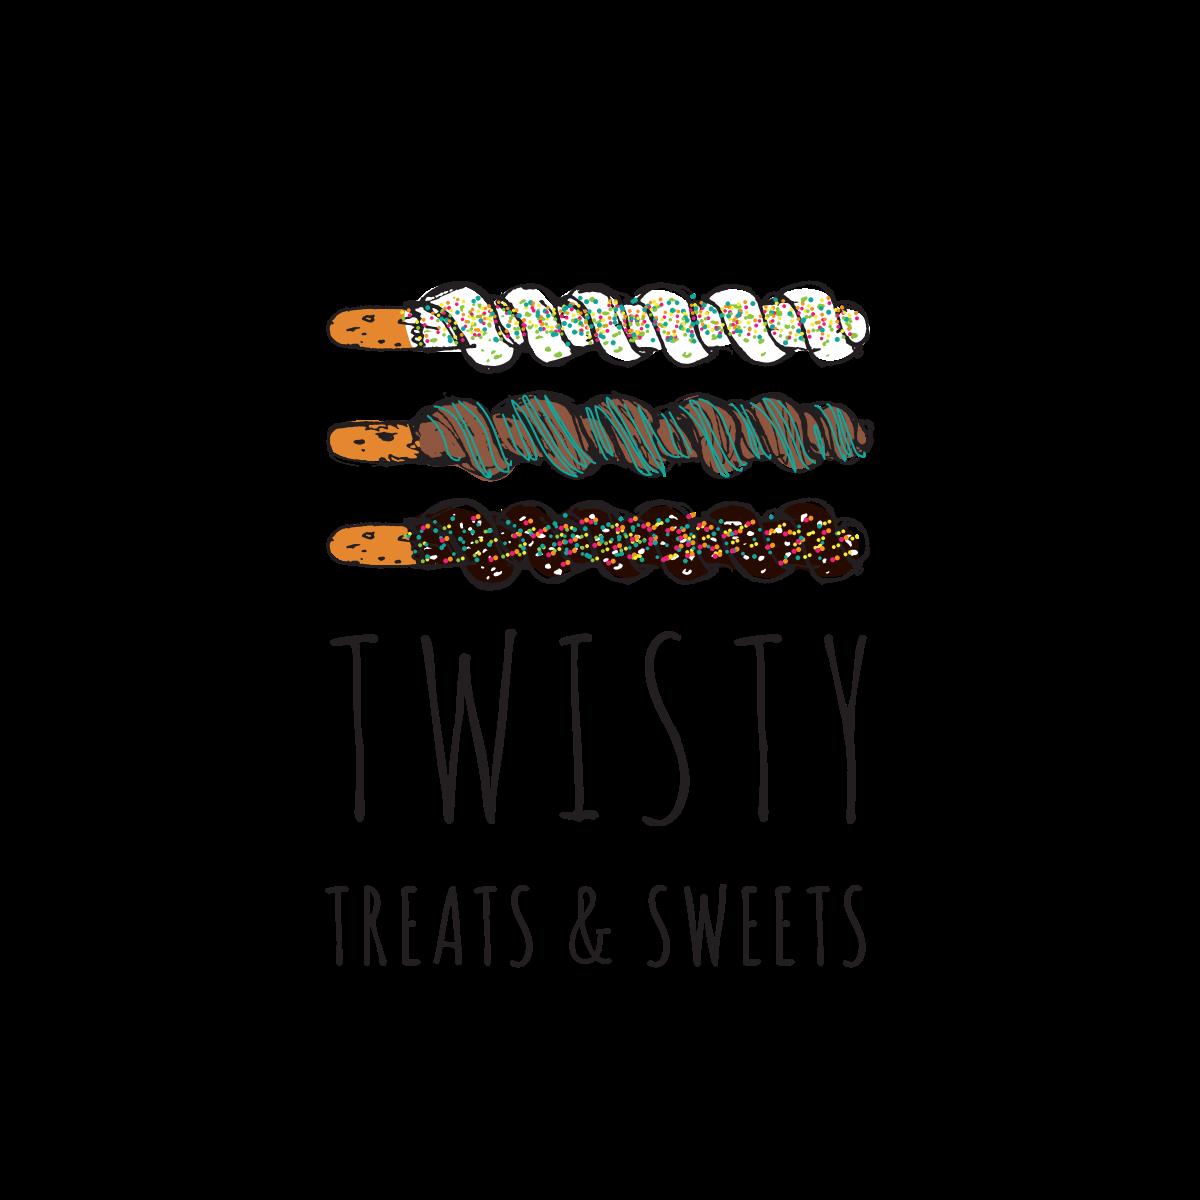 Twisty Treats & Sweets